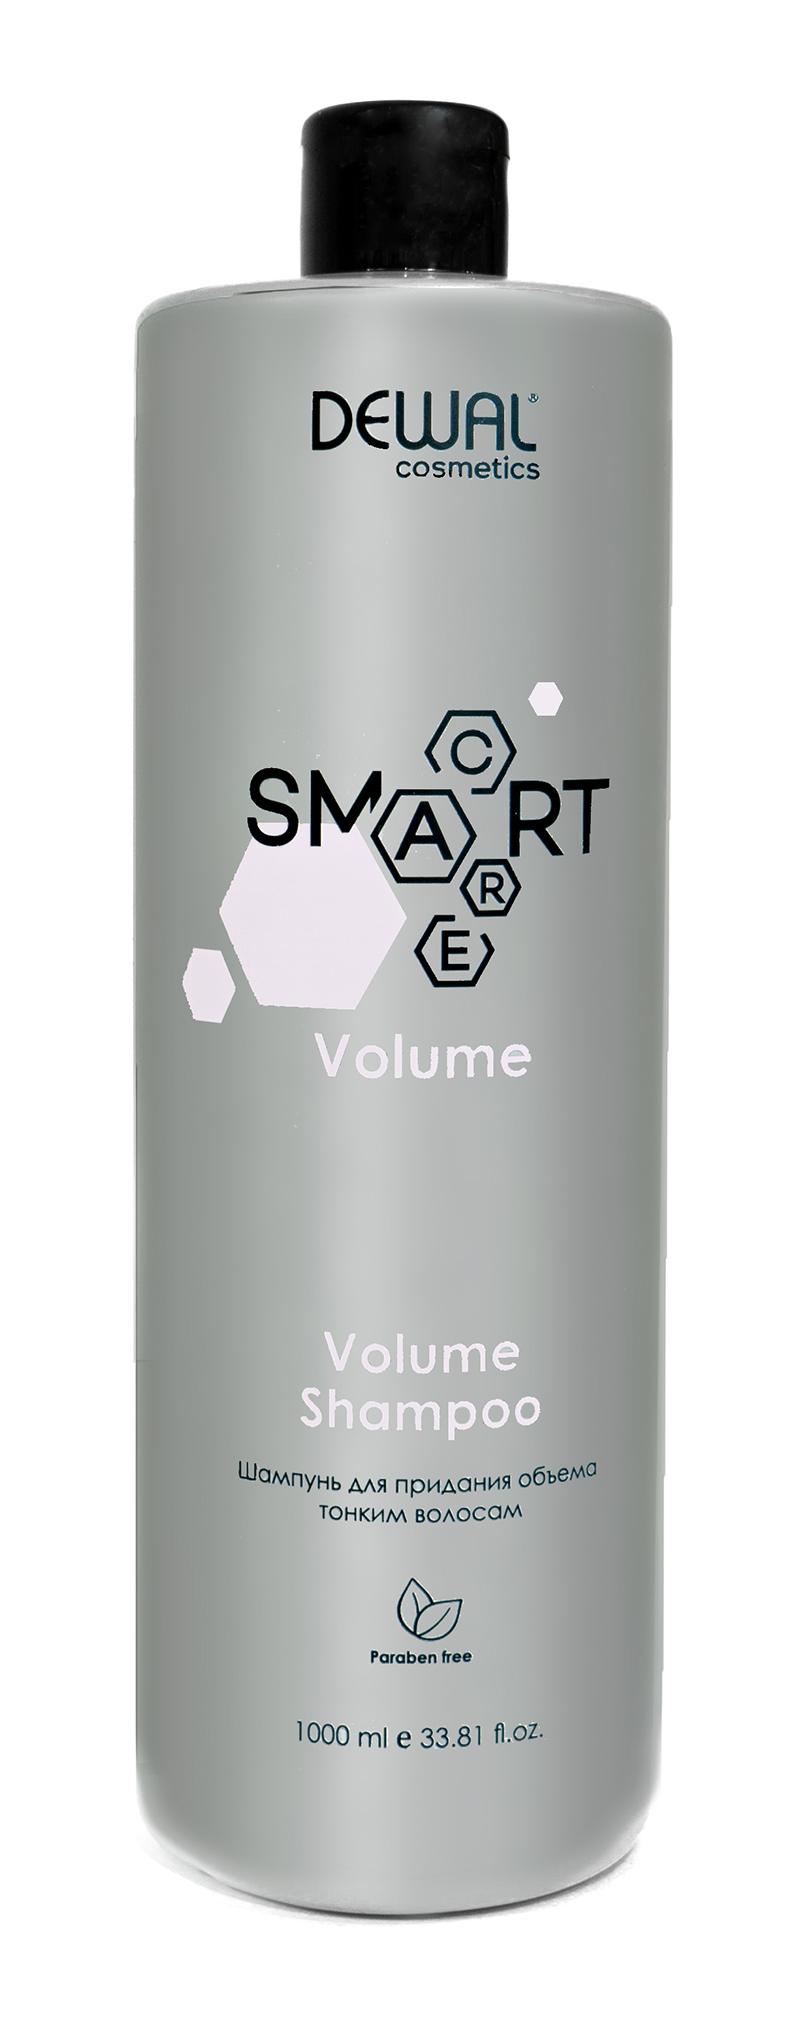 Купить Шампунь для придания объема тонким волосам SMART CARE VOLUME SHAMPOO DEWAL Cosmetics, DCV20402